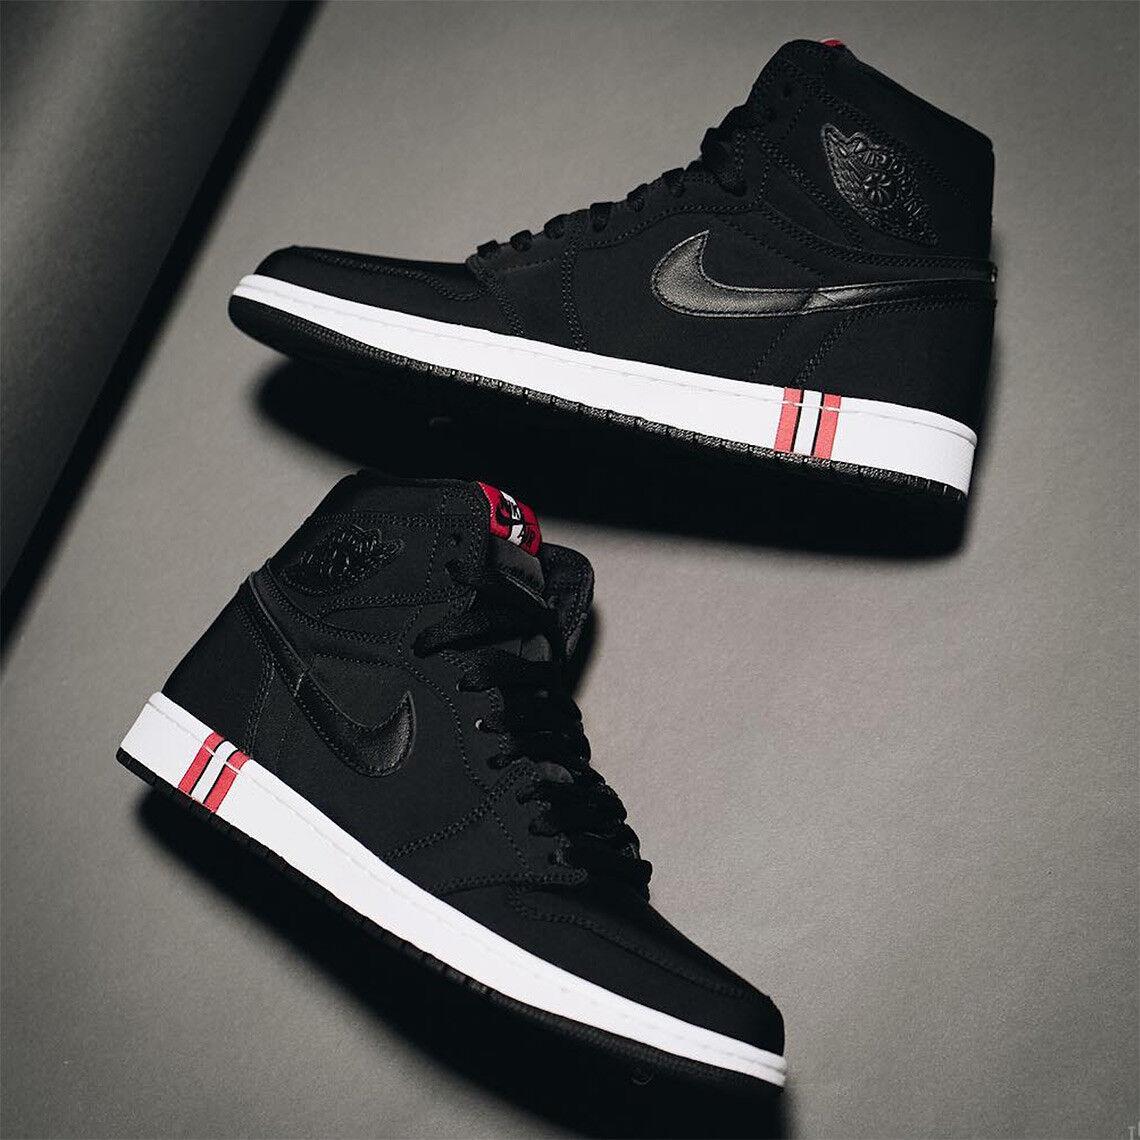 Nike Nike Nike Air Jordan 1 x PSG-Taille /us 12-édition limitée - 100% Authentique bad95d